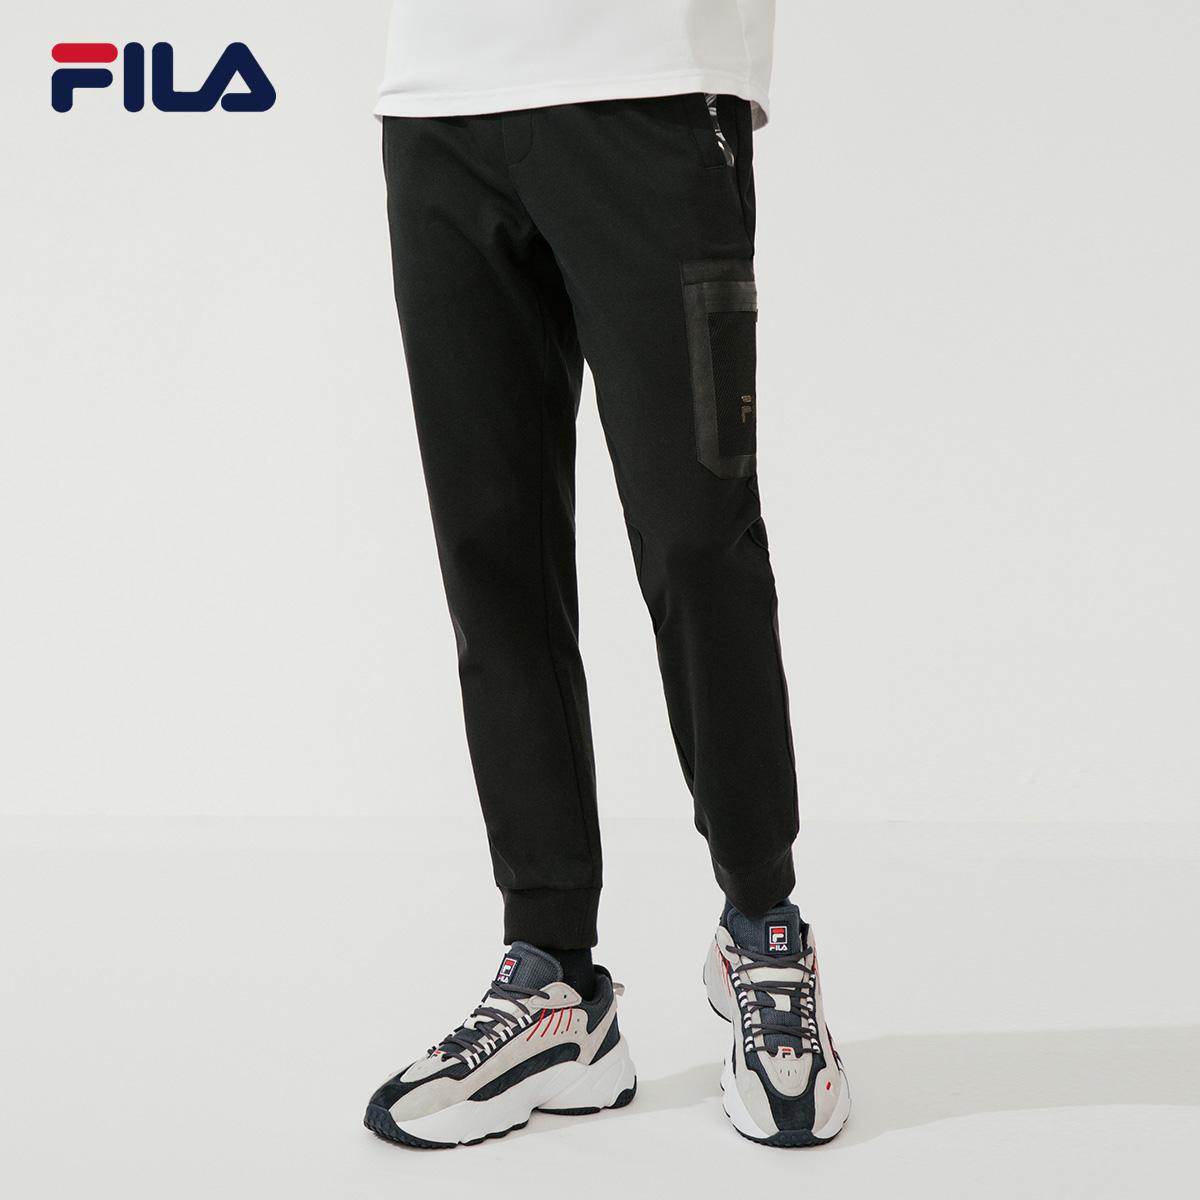 FILA Fila chính thức quần dệt kim nam 2020 mùa xuân mới sáng tạo bên túi quần giản dị kín quần bó sát - Quần thể thao